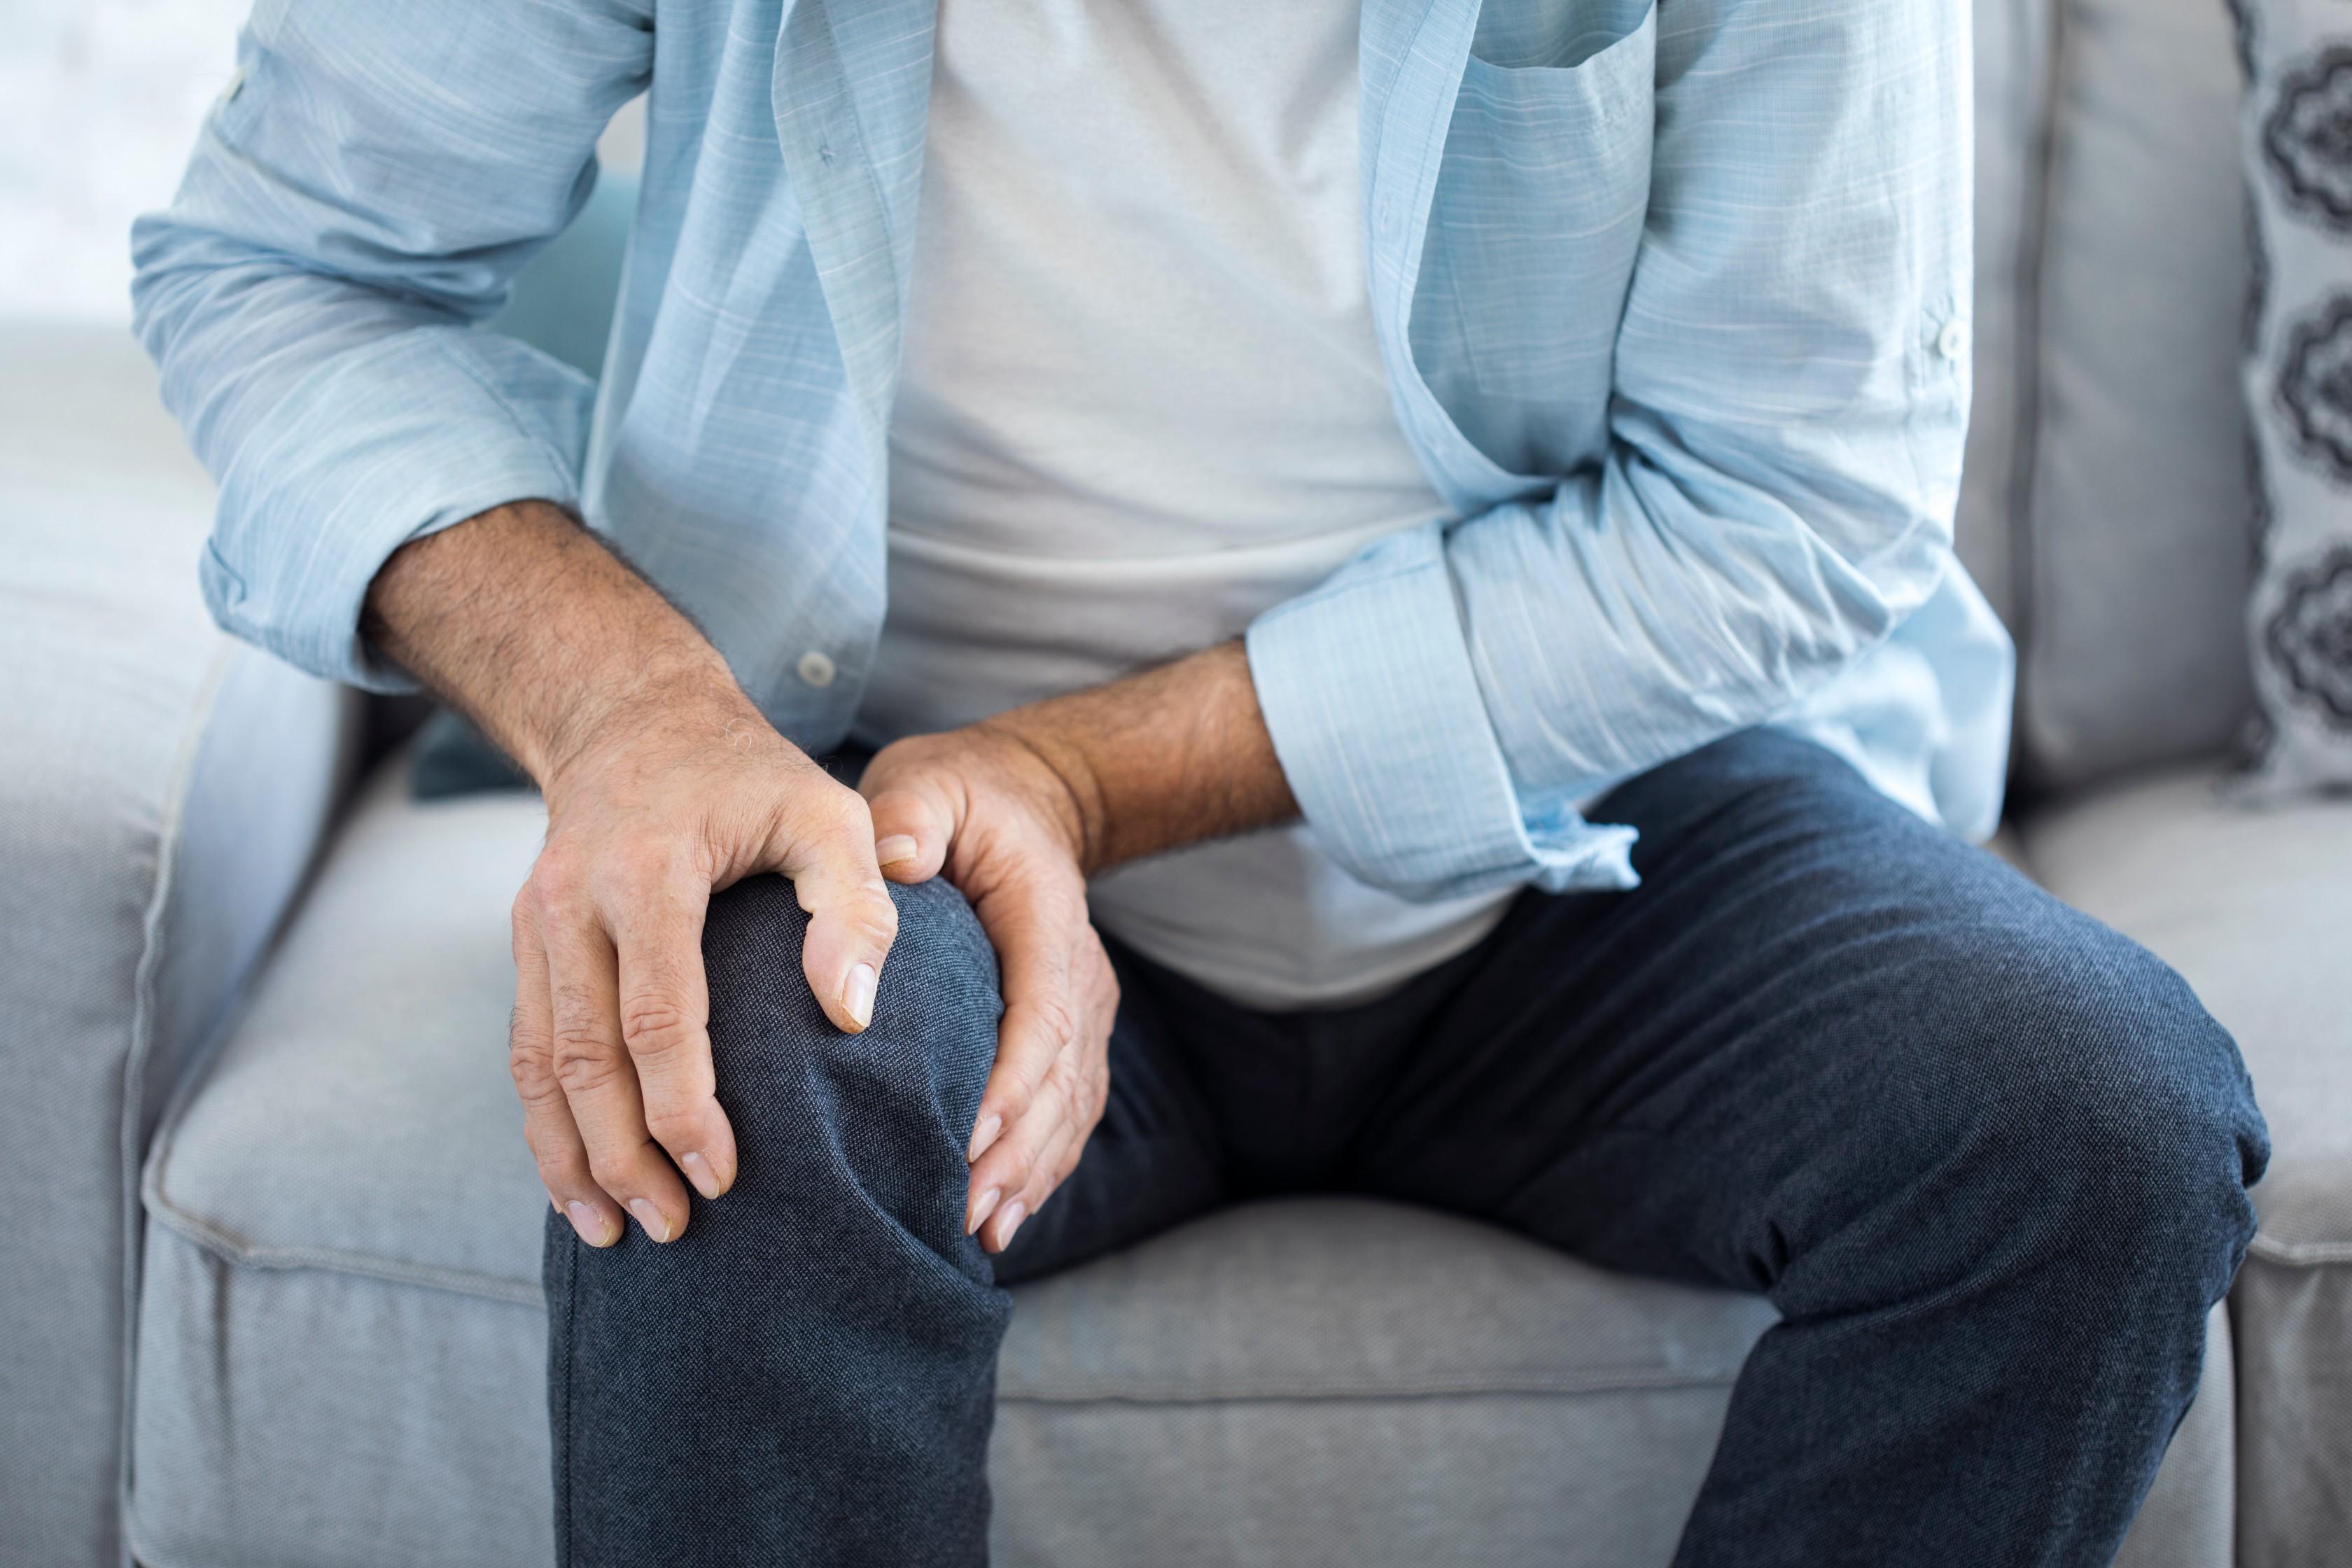 égő ízületi fájdalomkezelés sacroiliac ízületi sérülés